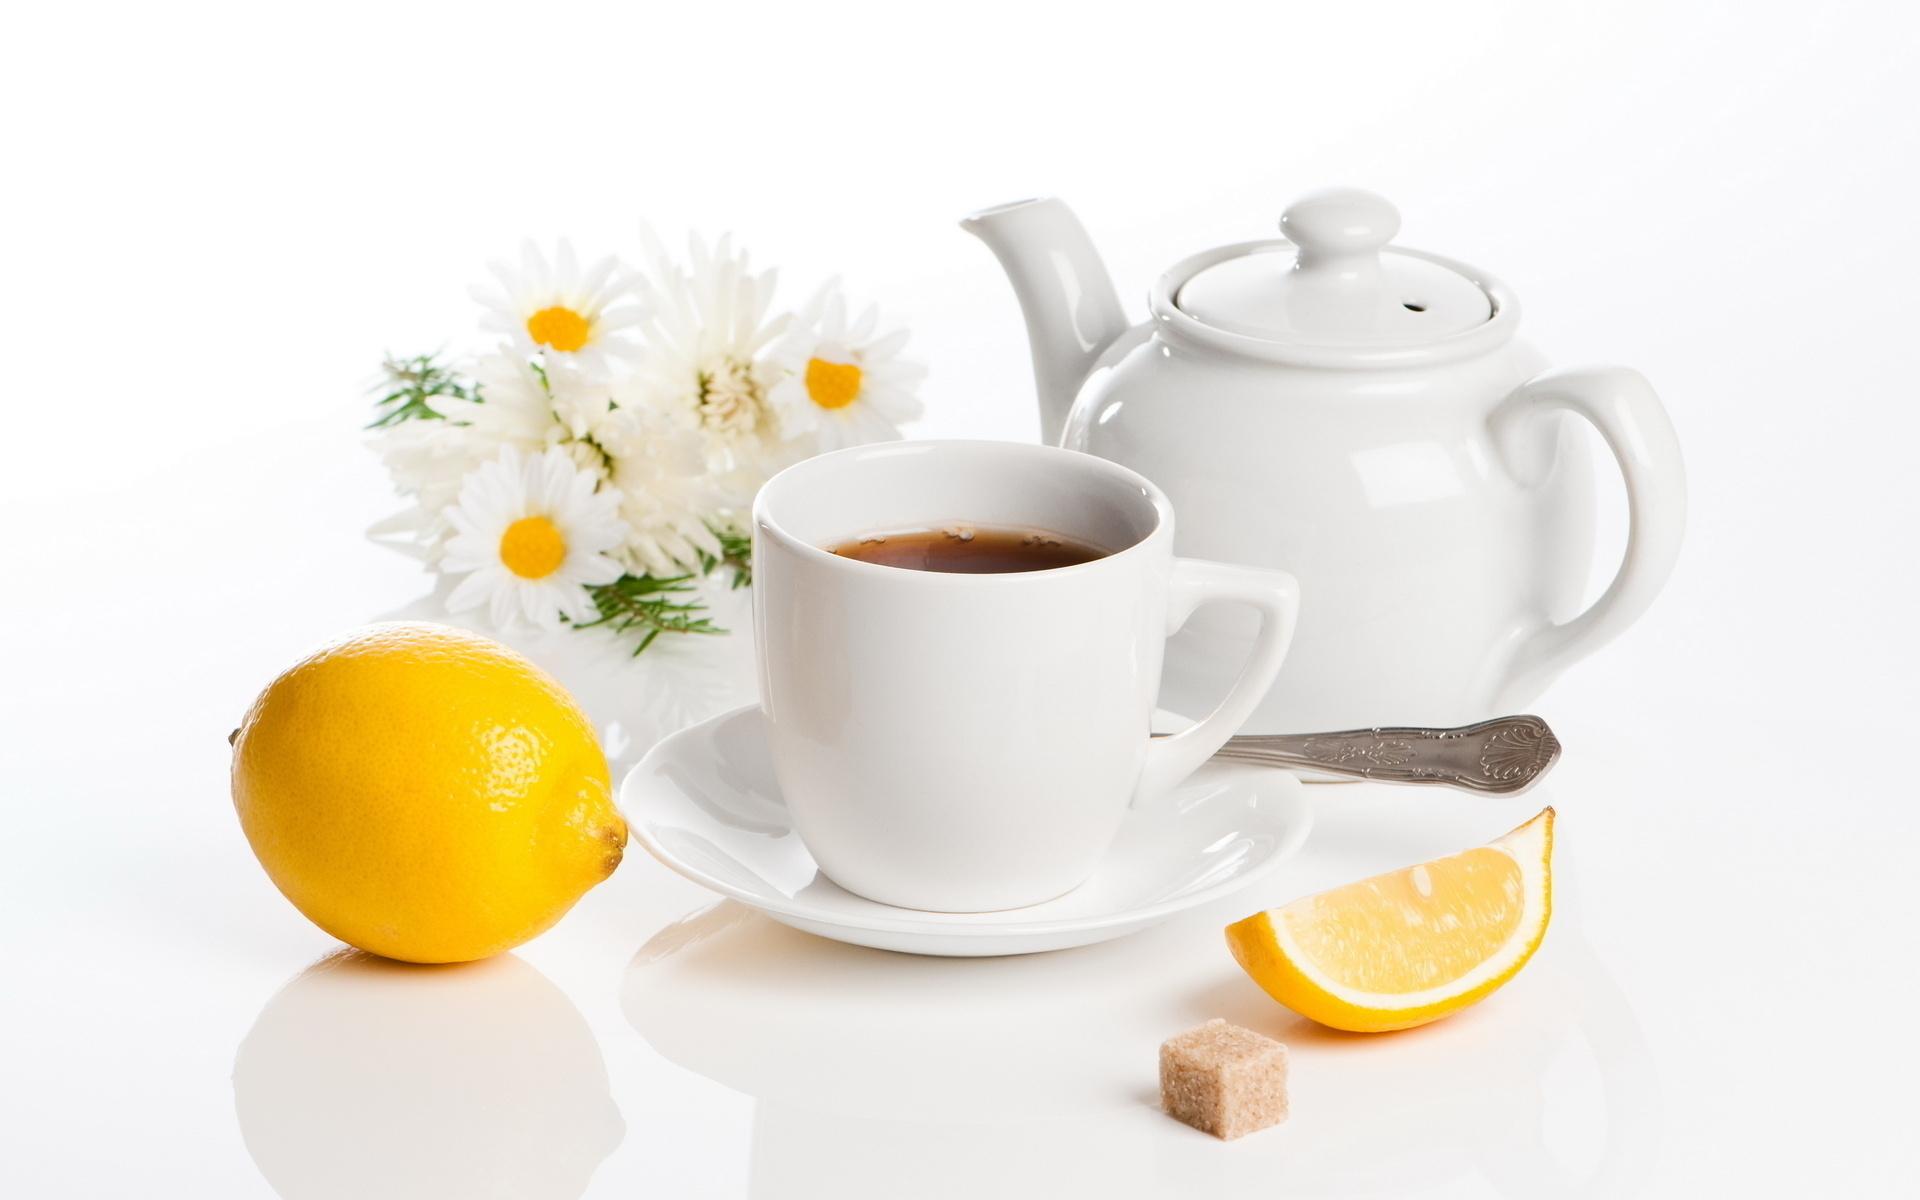 Лимон, заварник, ромашка, Чай.